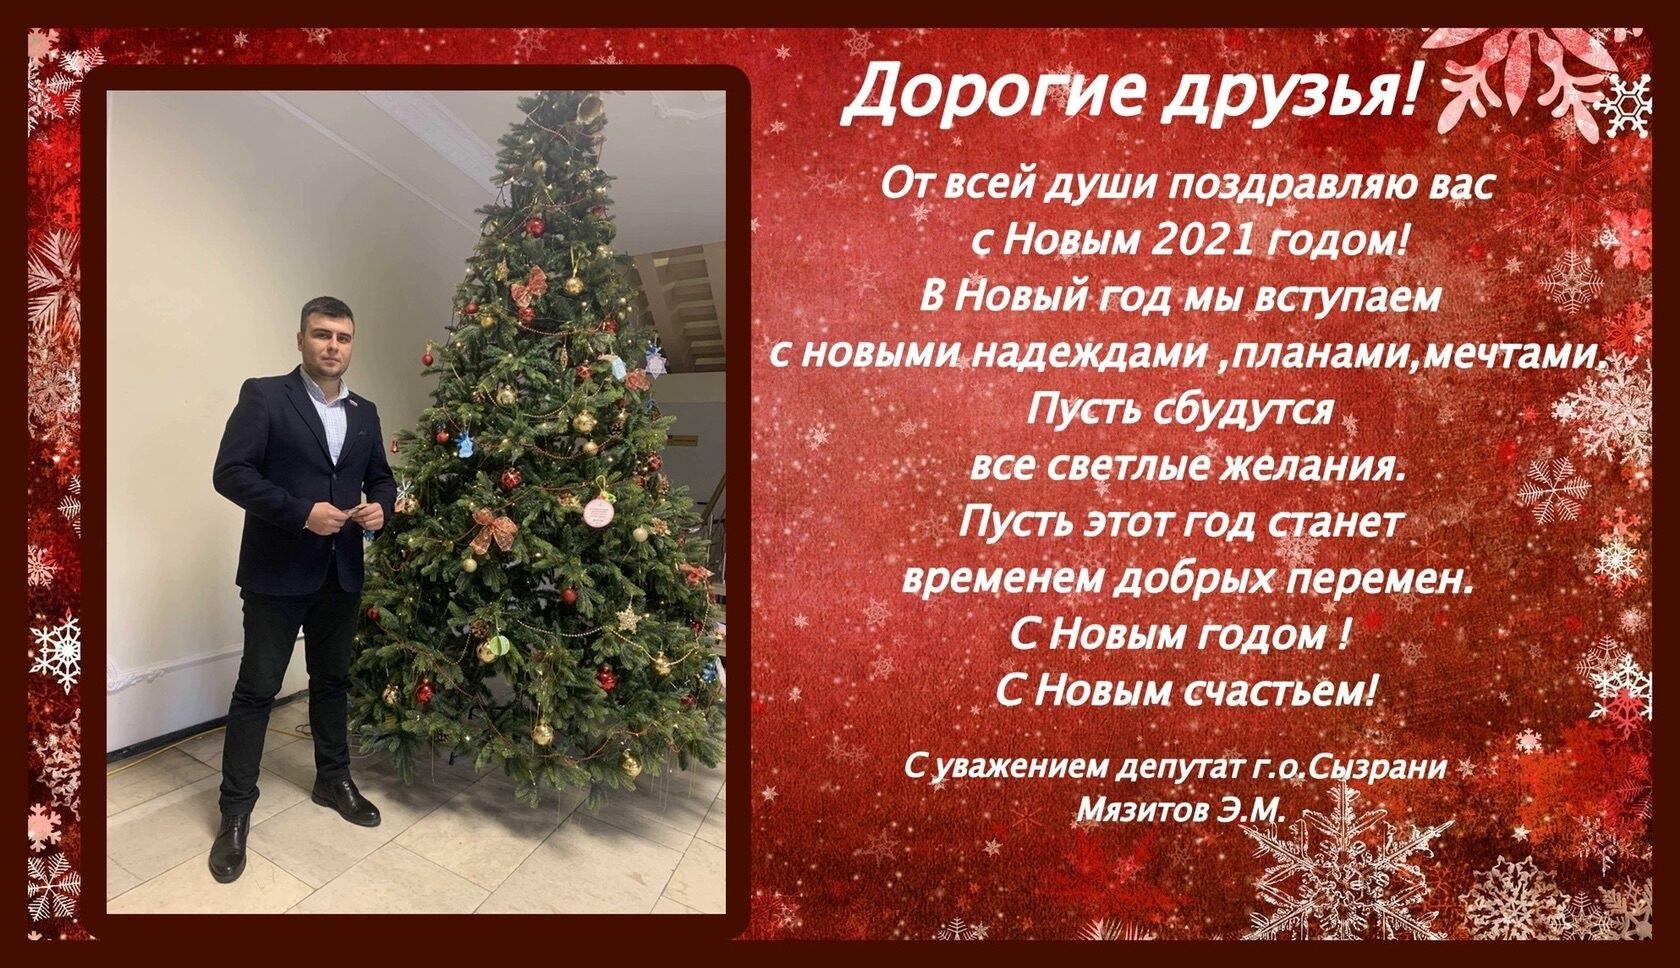 Поздравление депутата г.о. Сызрани Эльдара Мязитова